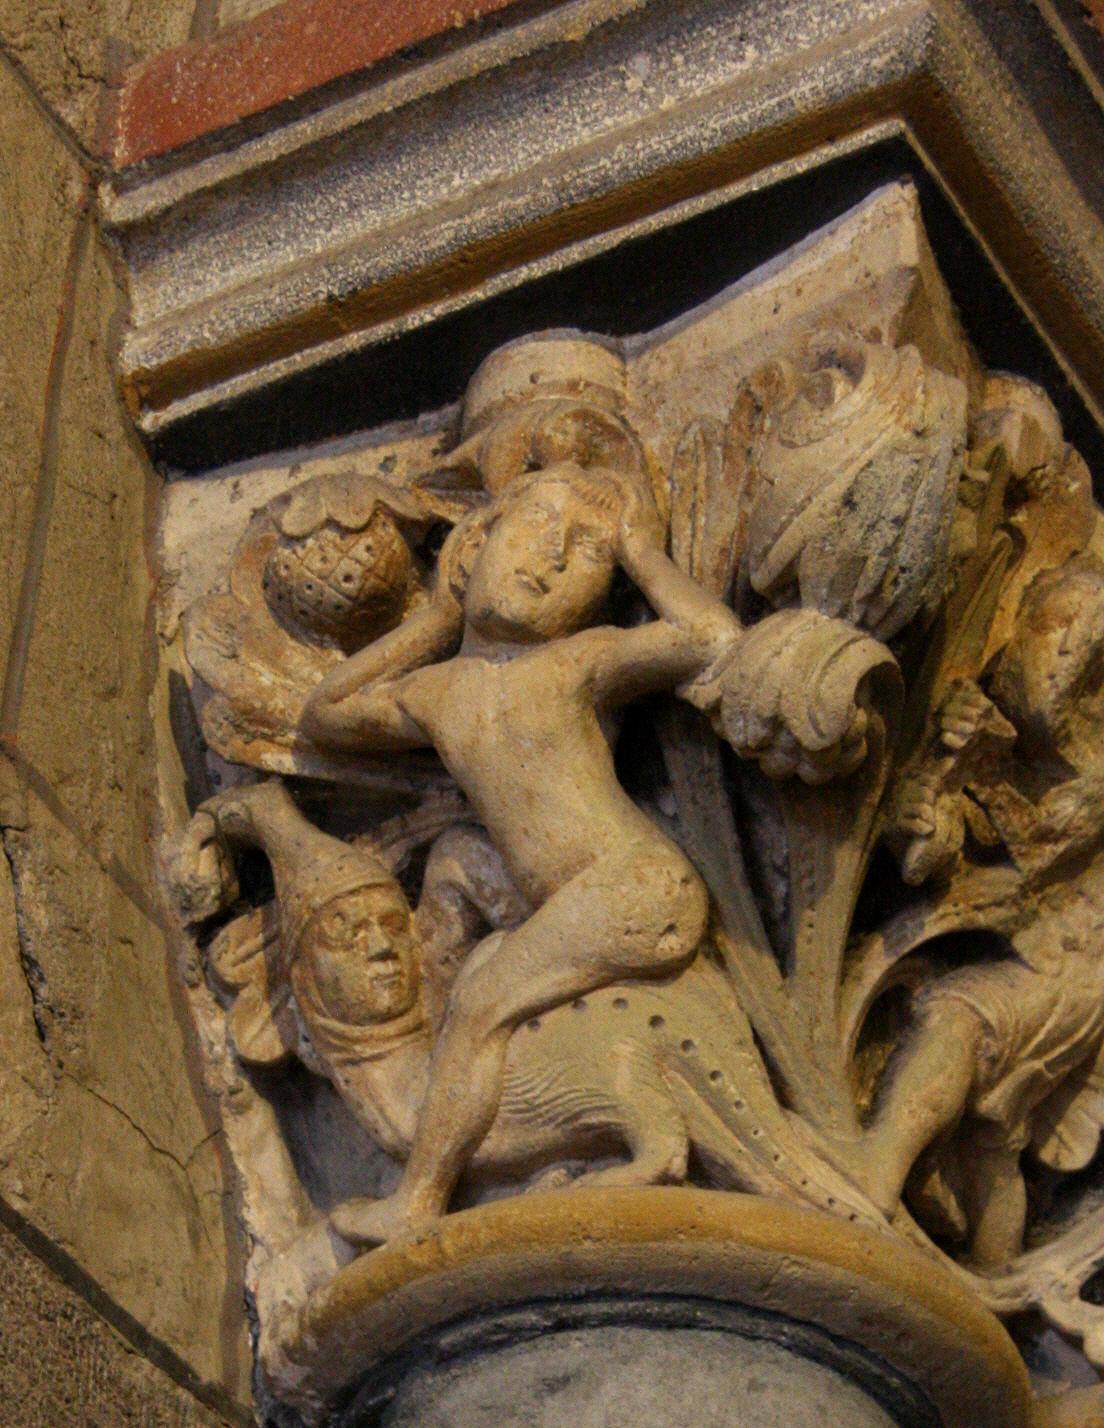 la foto di un capitello raffigurante una giovan donna che regge la parte sovrastante della colonna